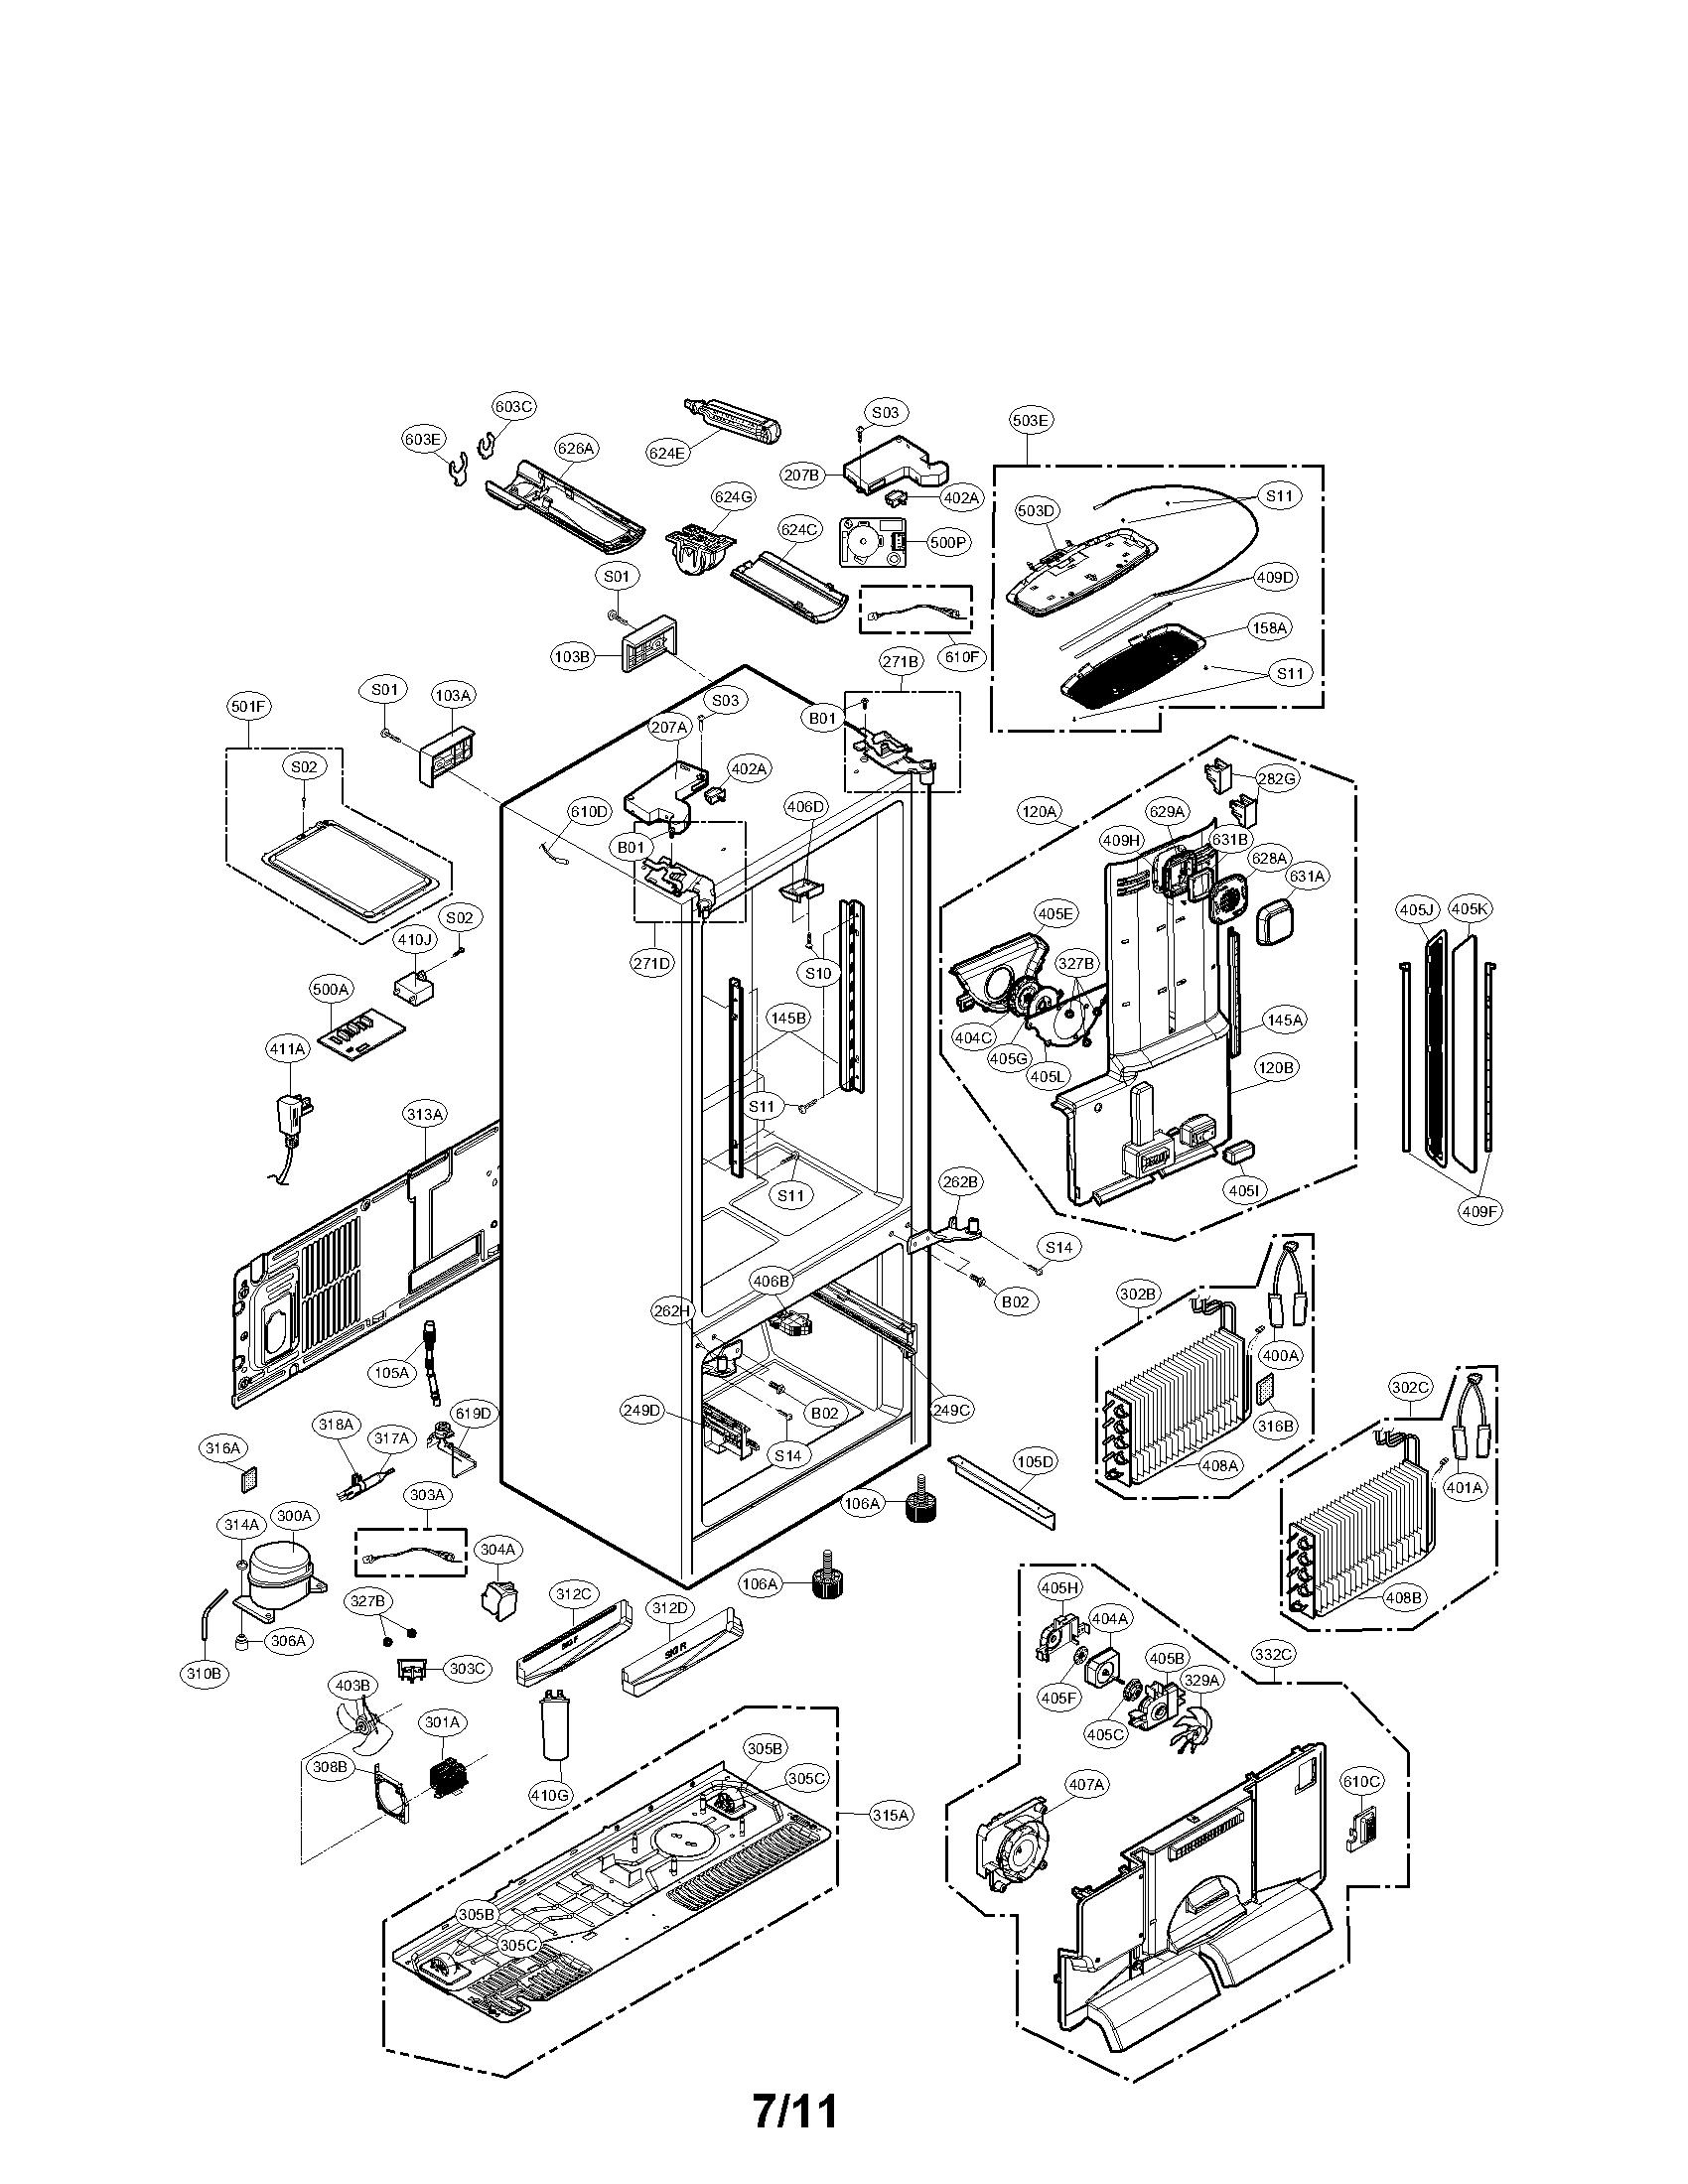 liebherr refrigerator wiring diagram